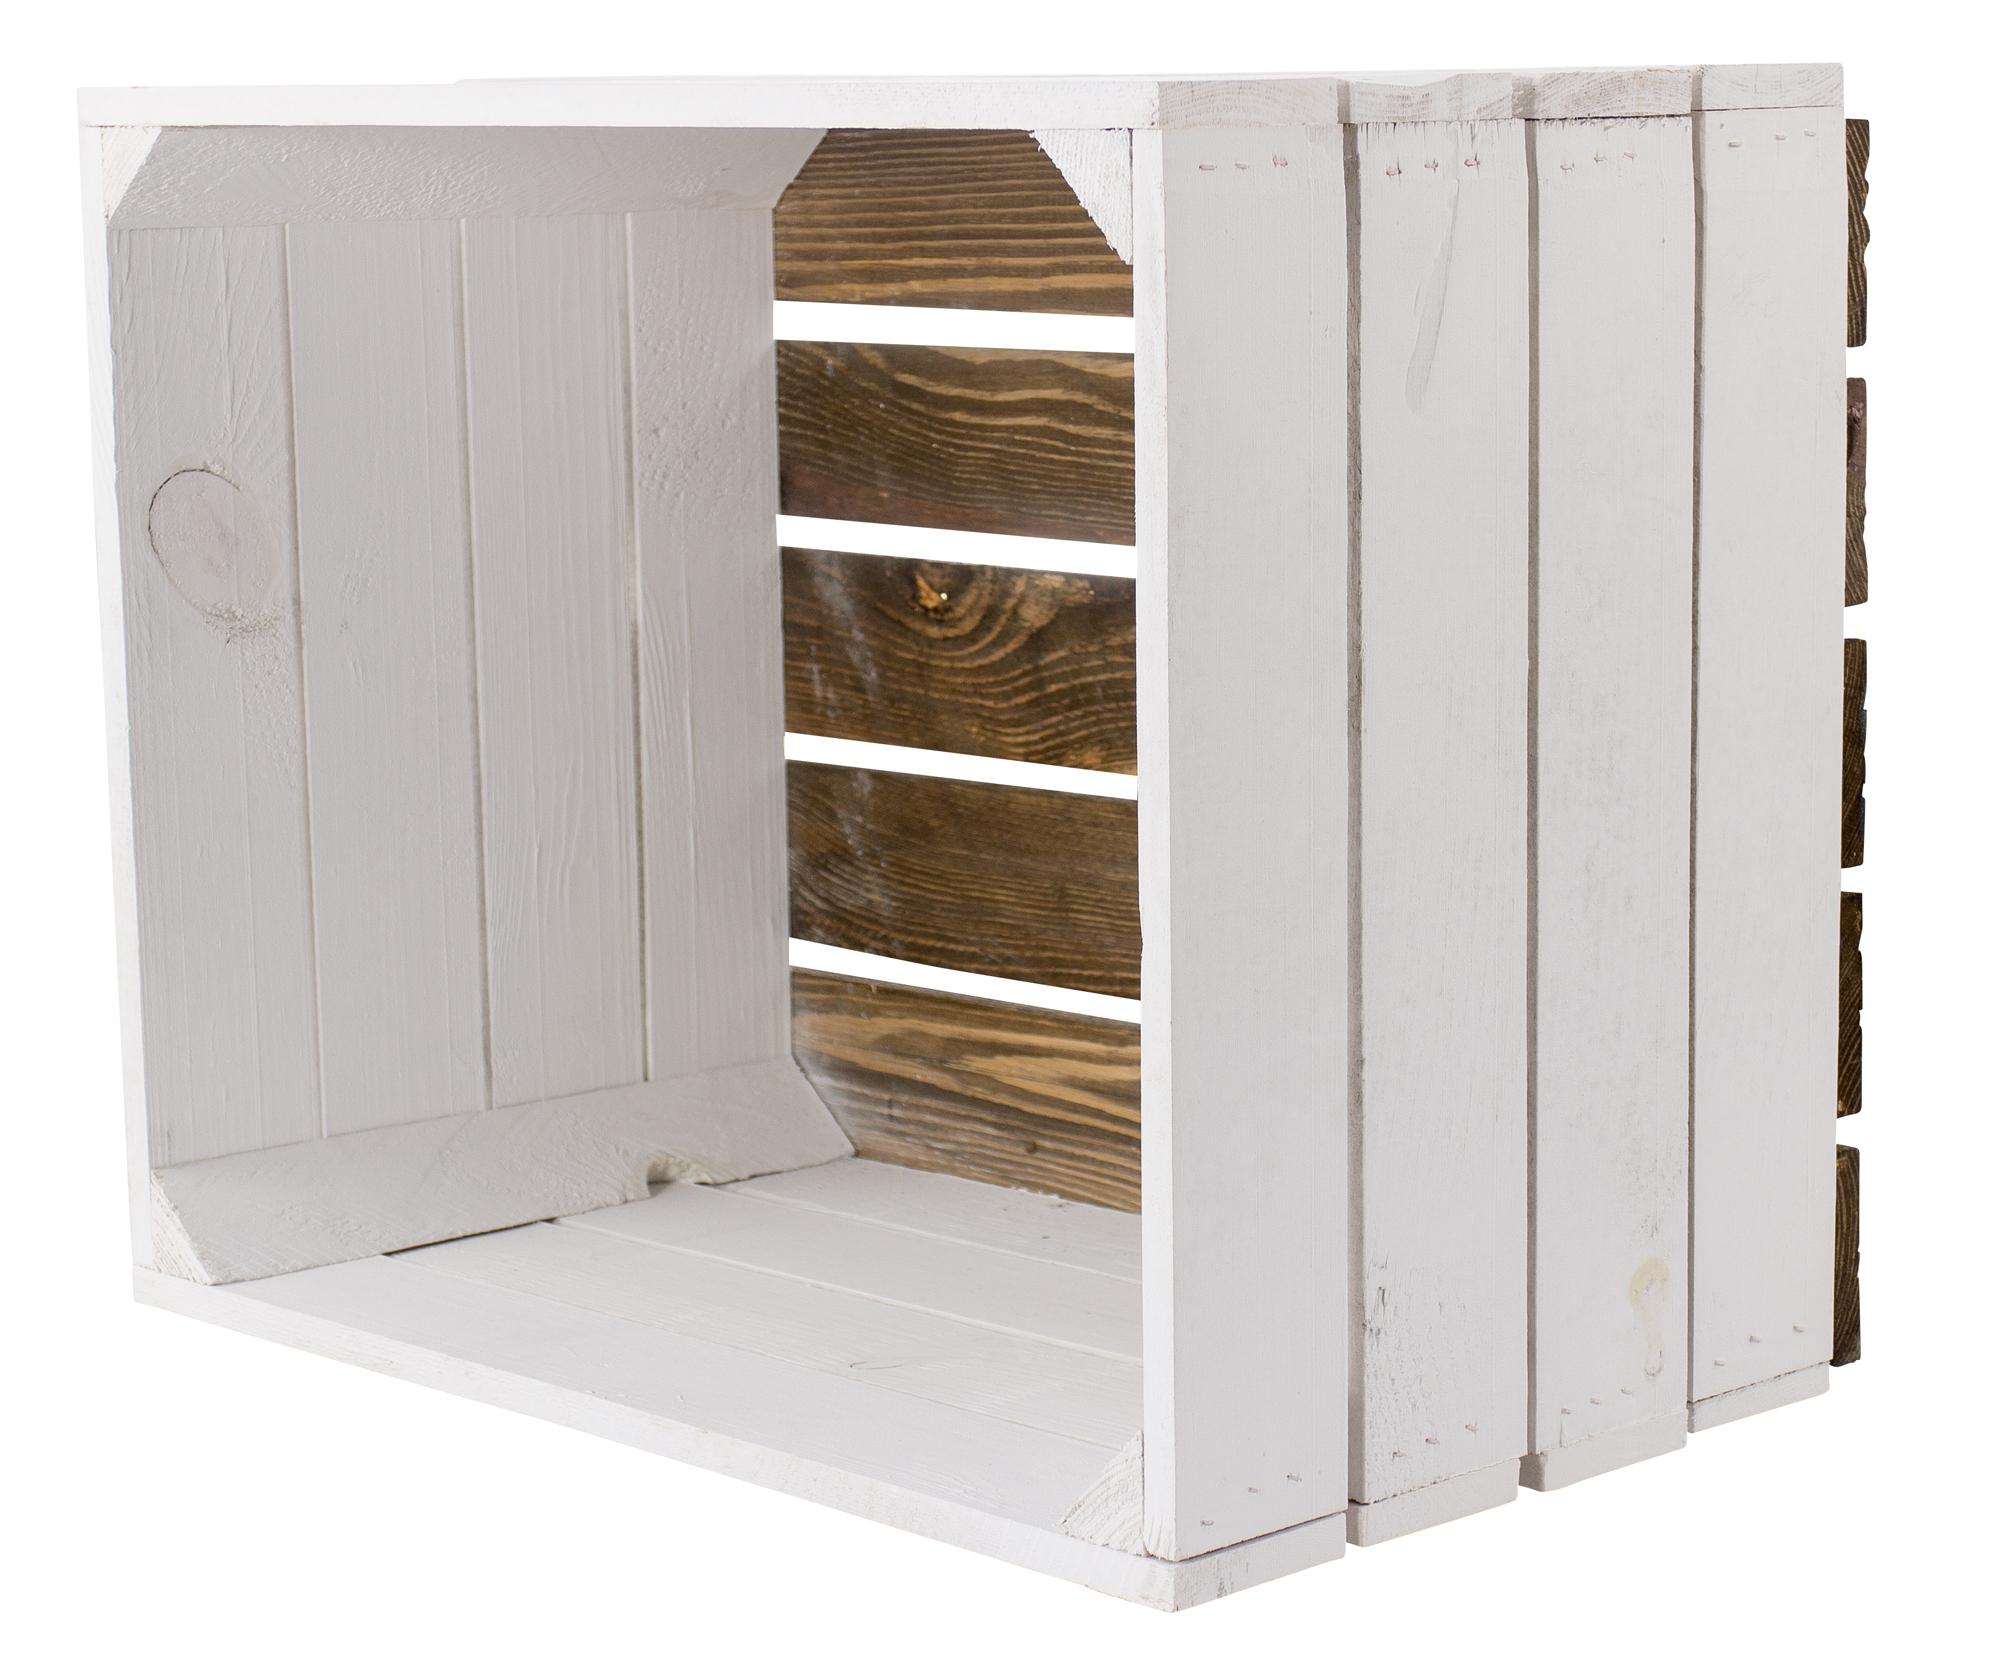 Weiße Apfelkiste - Geflammter Boden 50x40x30cm